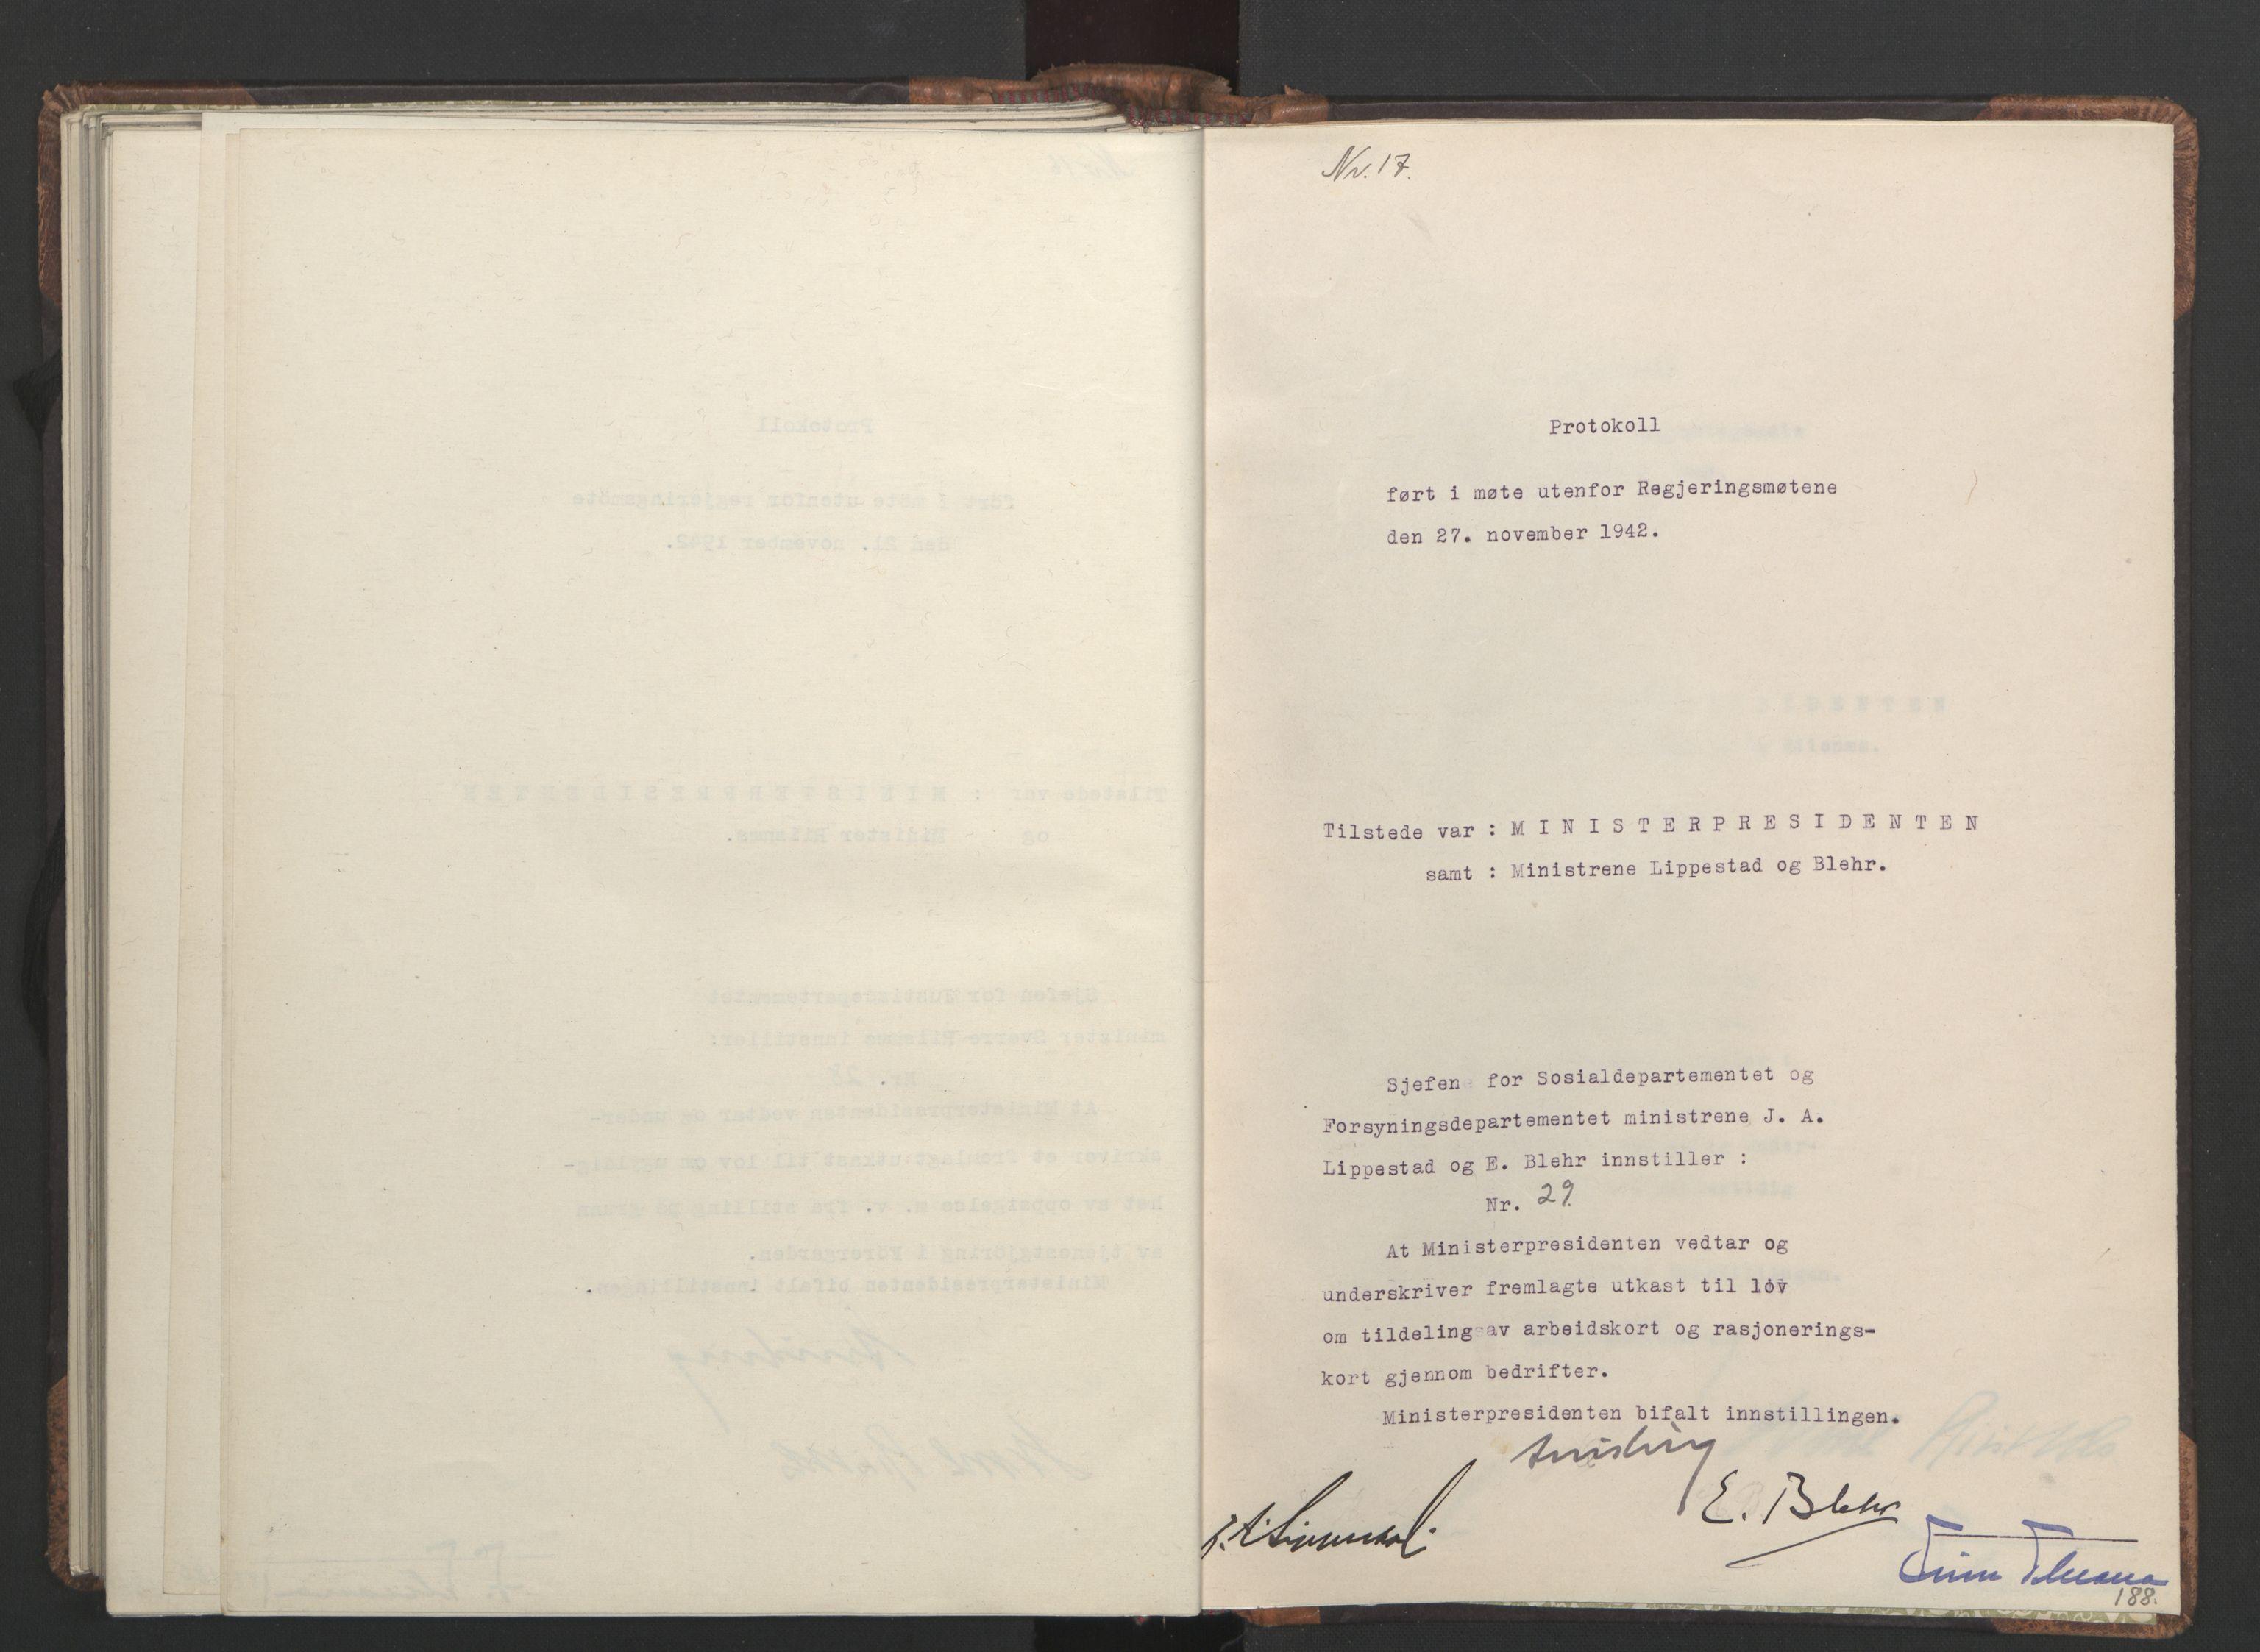 RA, NS-administrasjonen 1940-1945 (Statsrådsekretariatet, de kommisariske statsråder mm), D/Da/L0001: Beslutninger og tillegg (1-952 og 1-32), 1942, s. 187b-188a